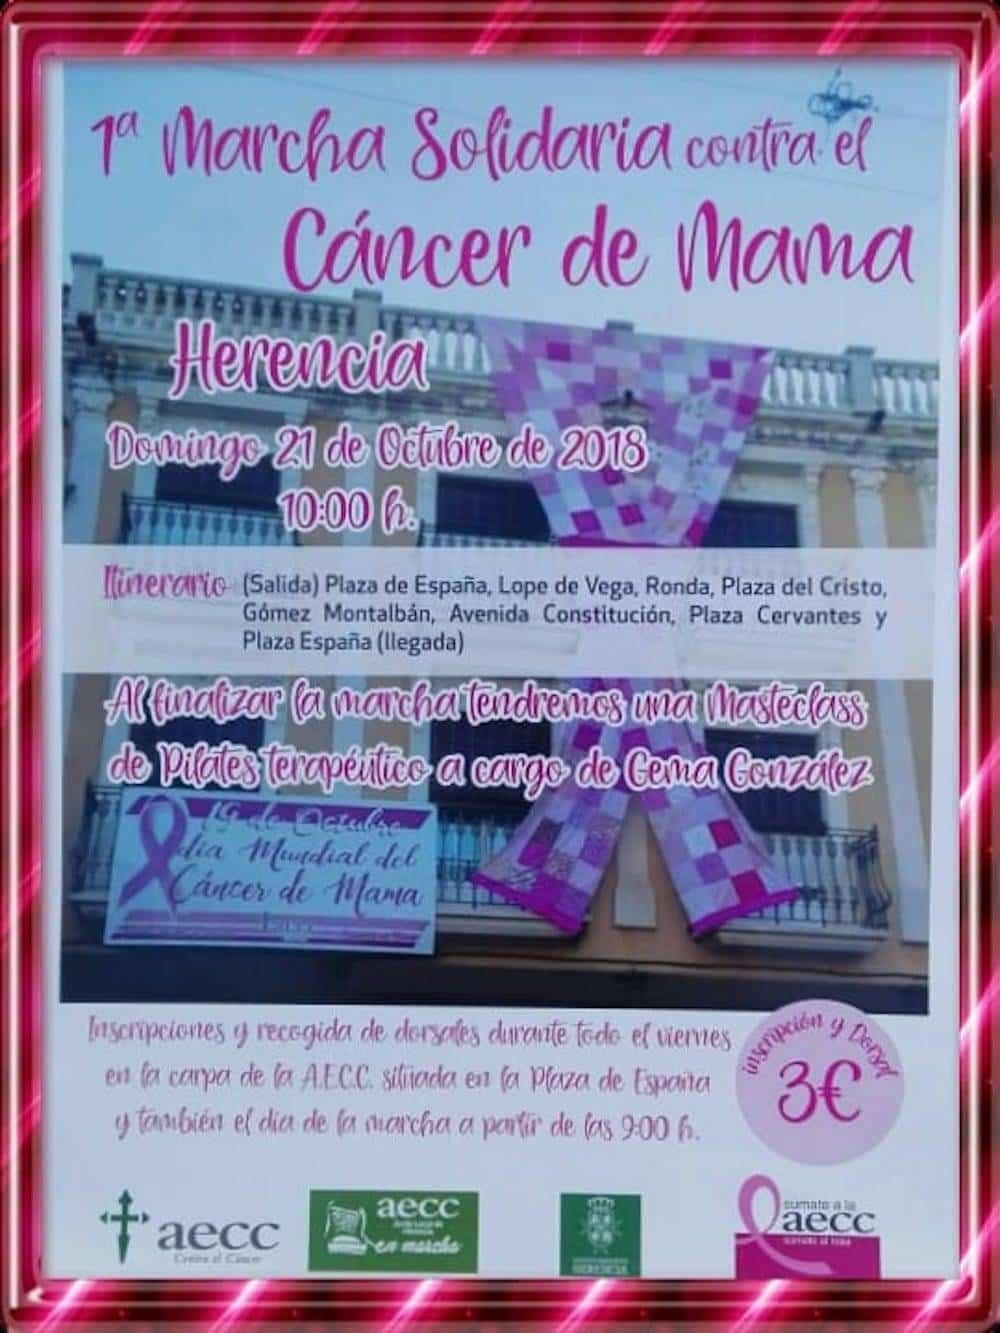 Primera Marcha Solidaria contra el Cáncer de mama en Herencia 3